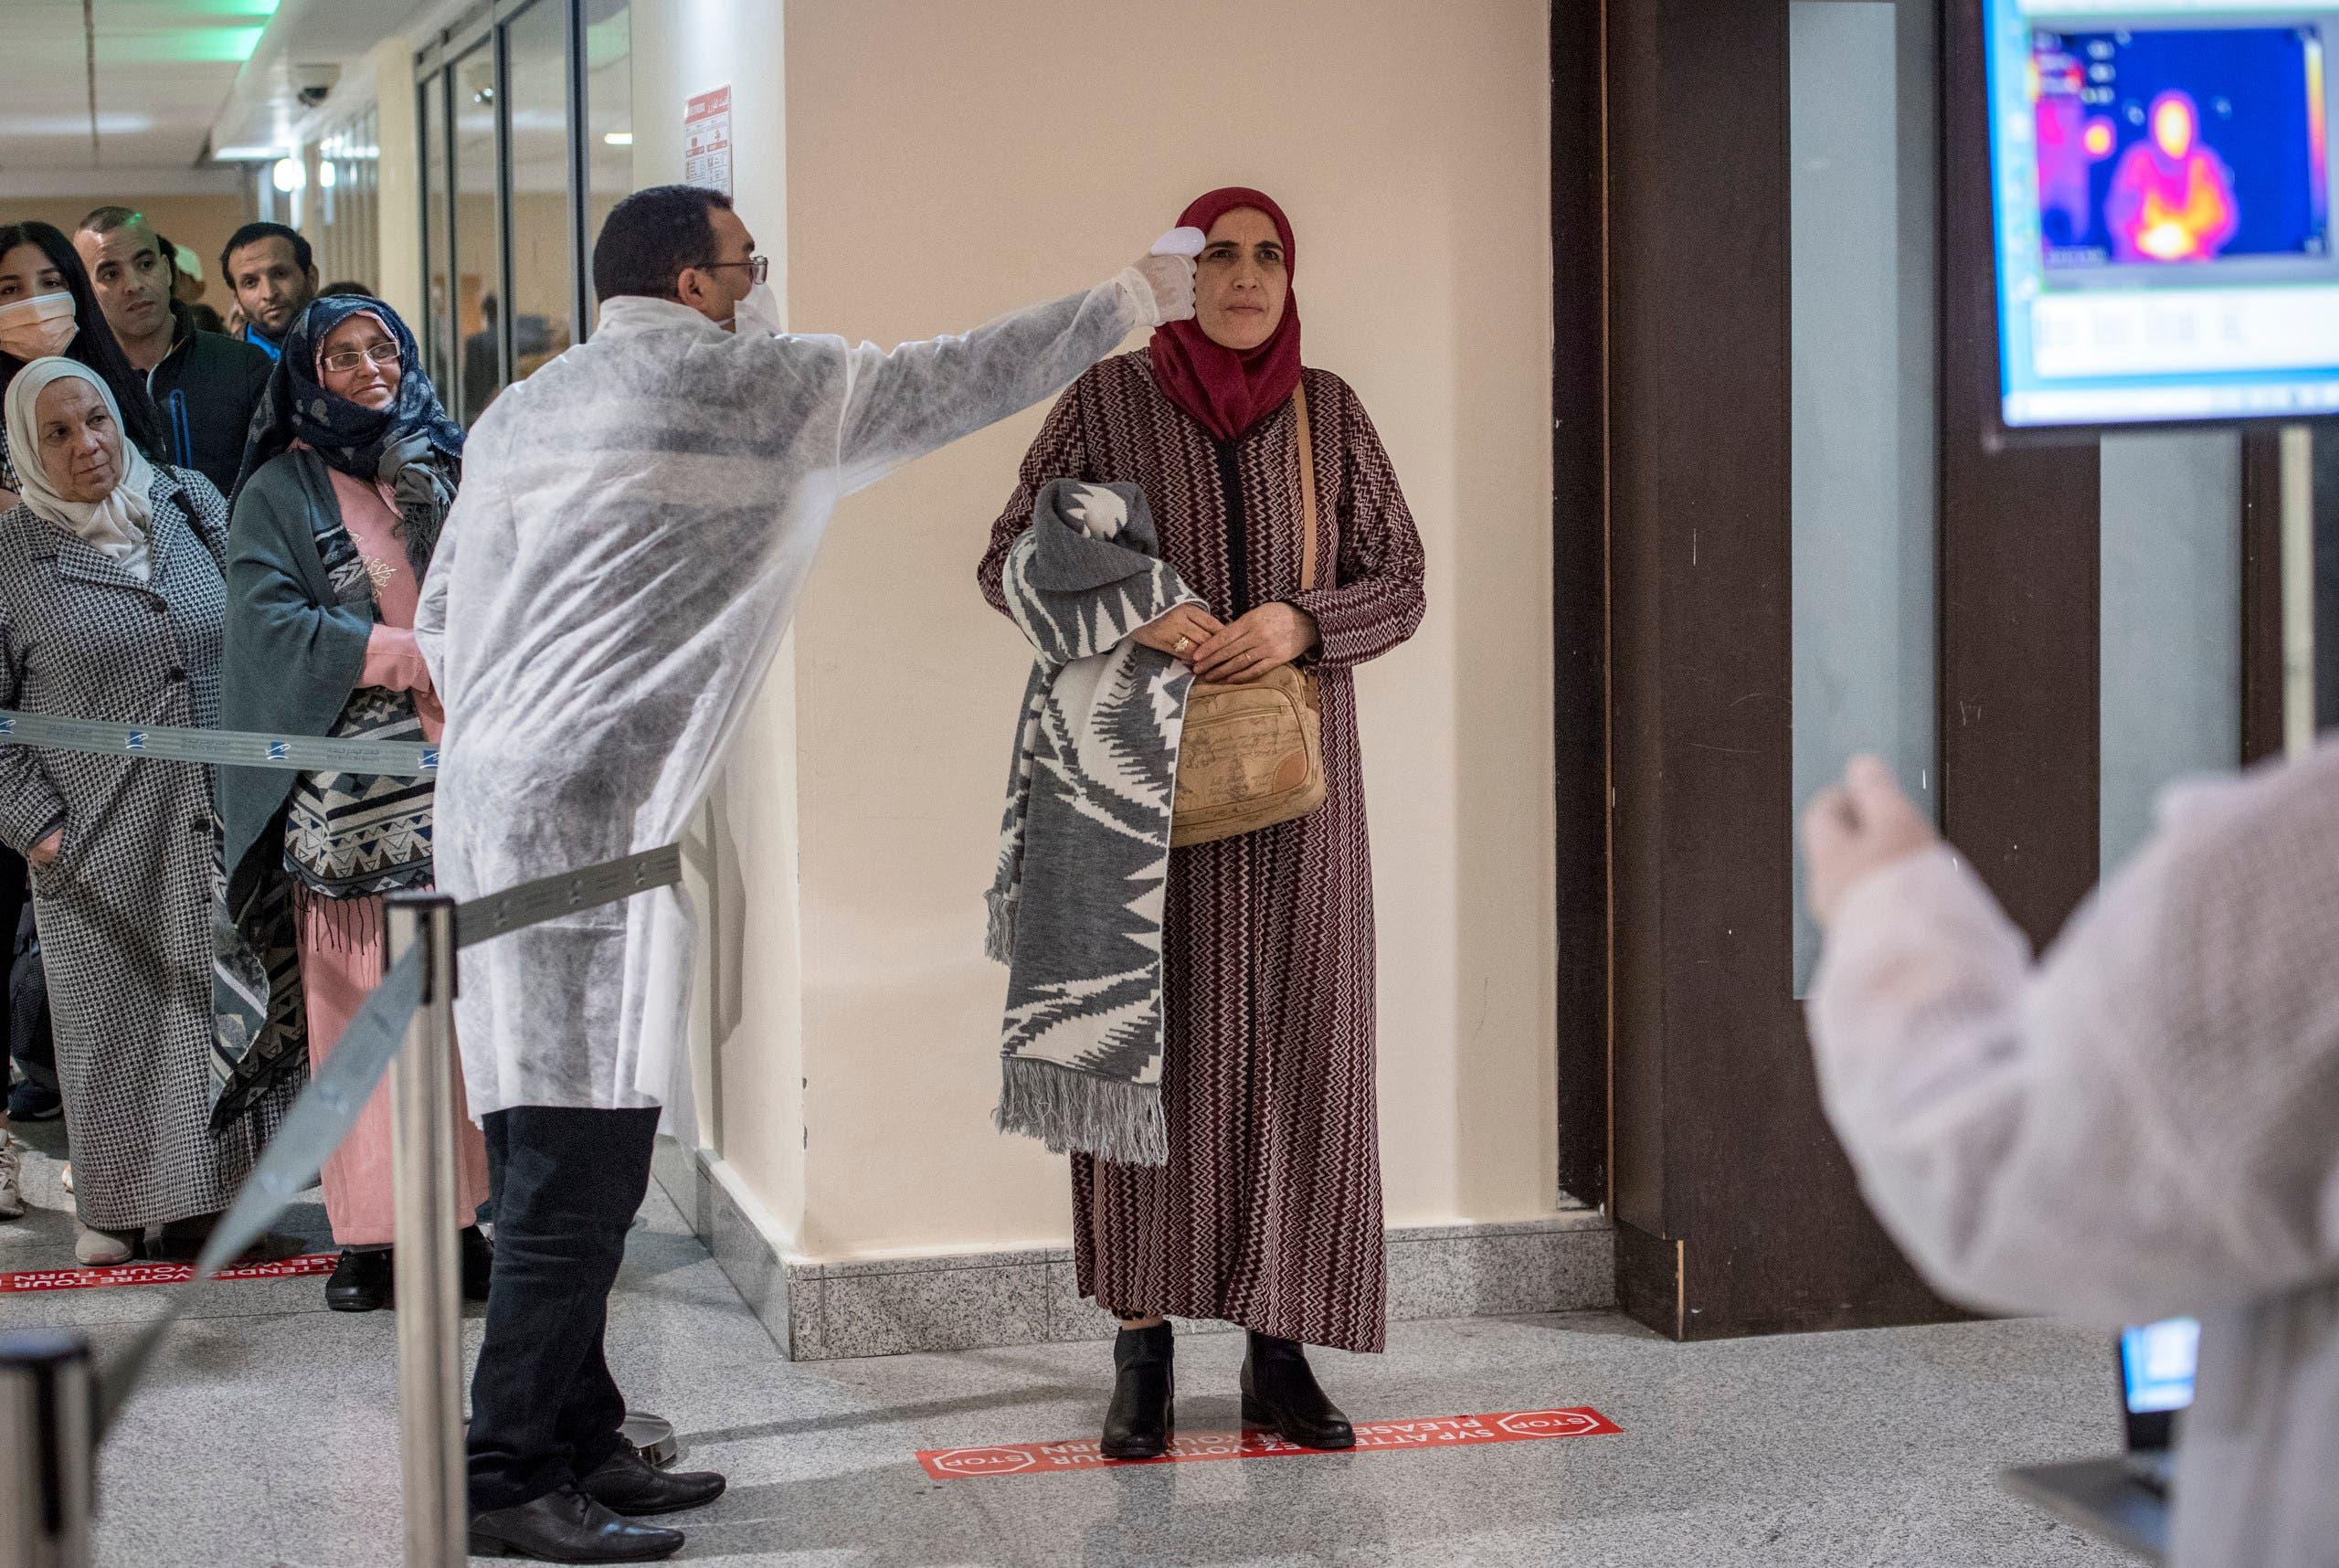 فحص المسافرين القادمين إلى مطار الدار البيضاء